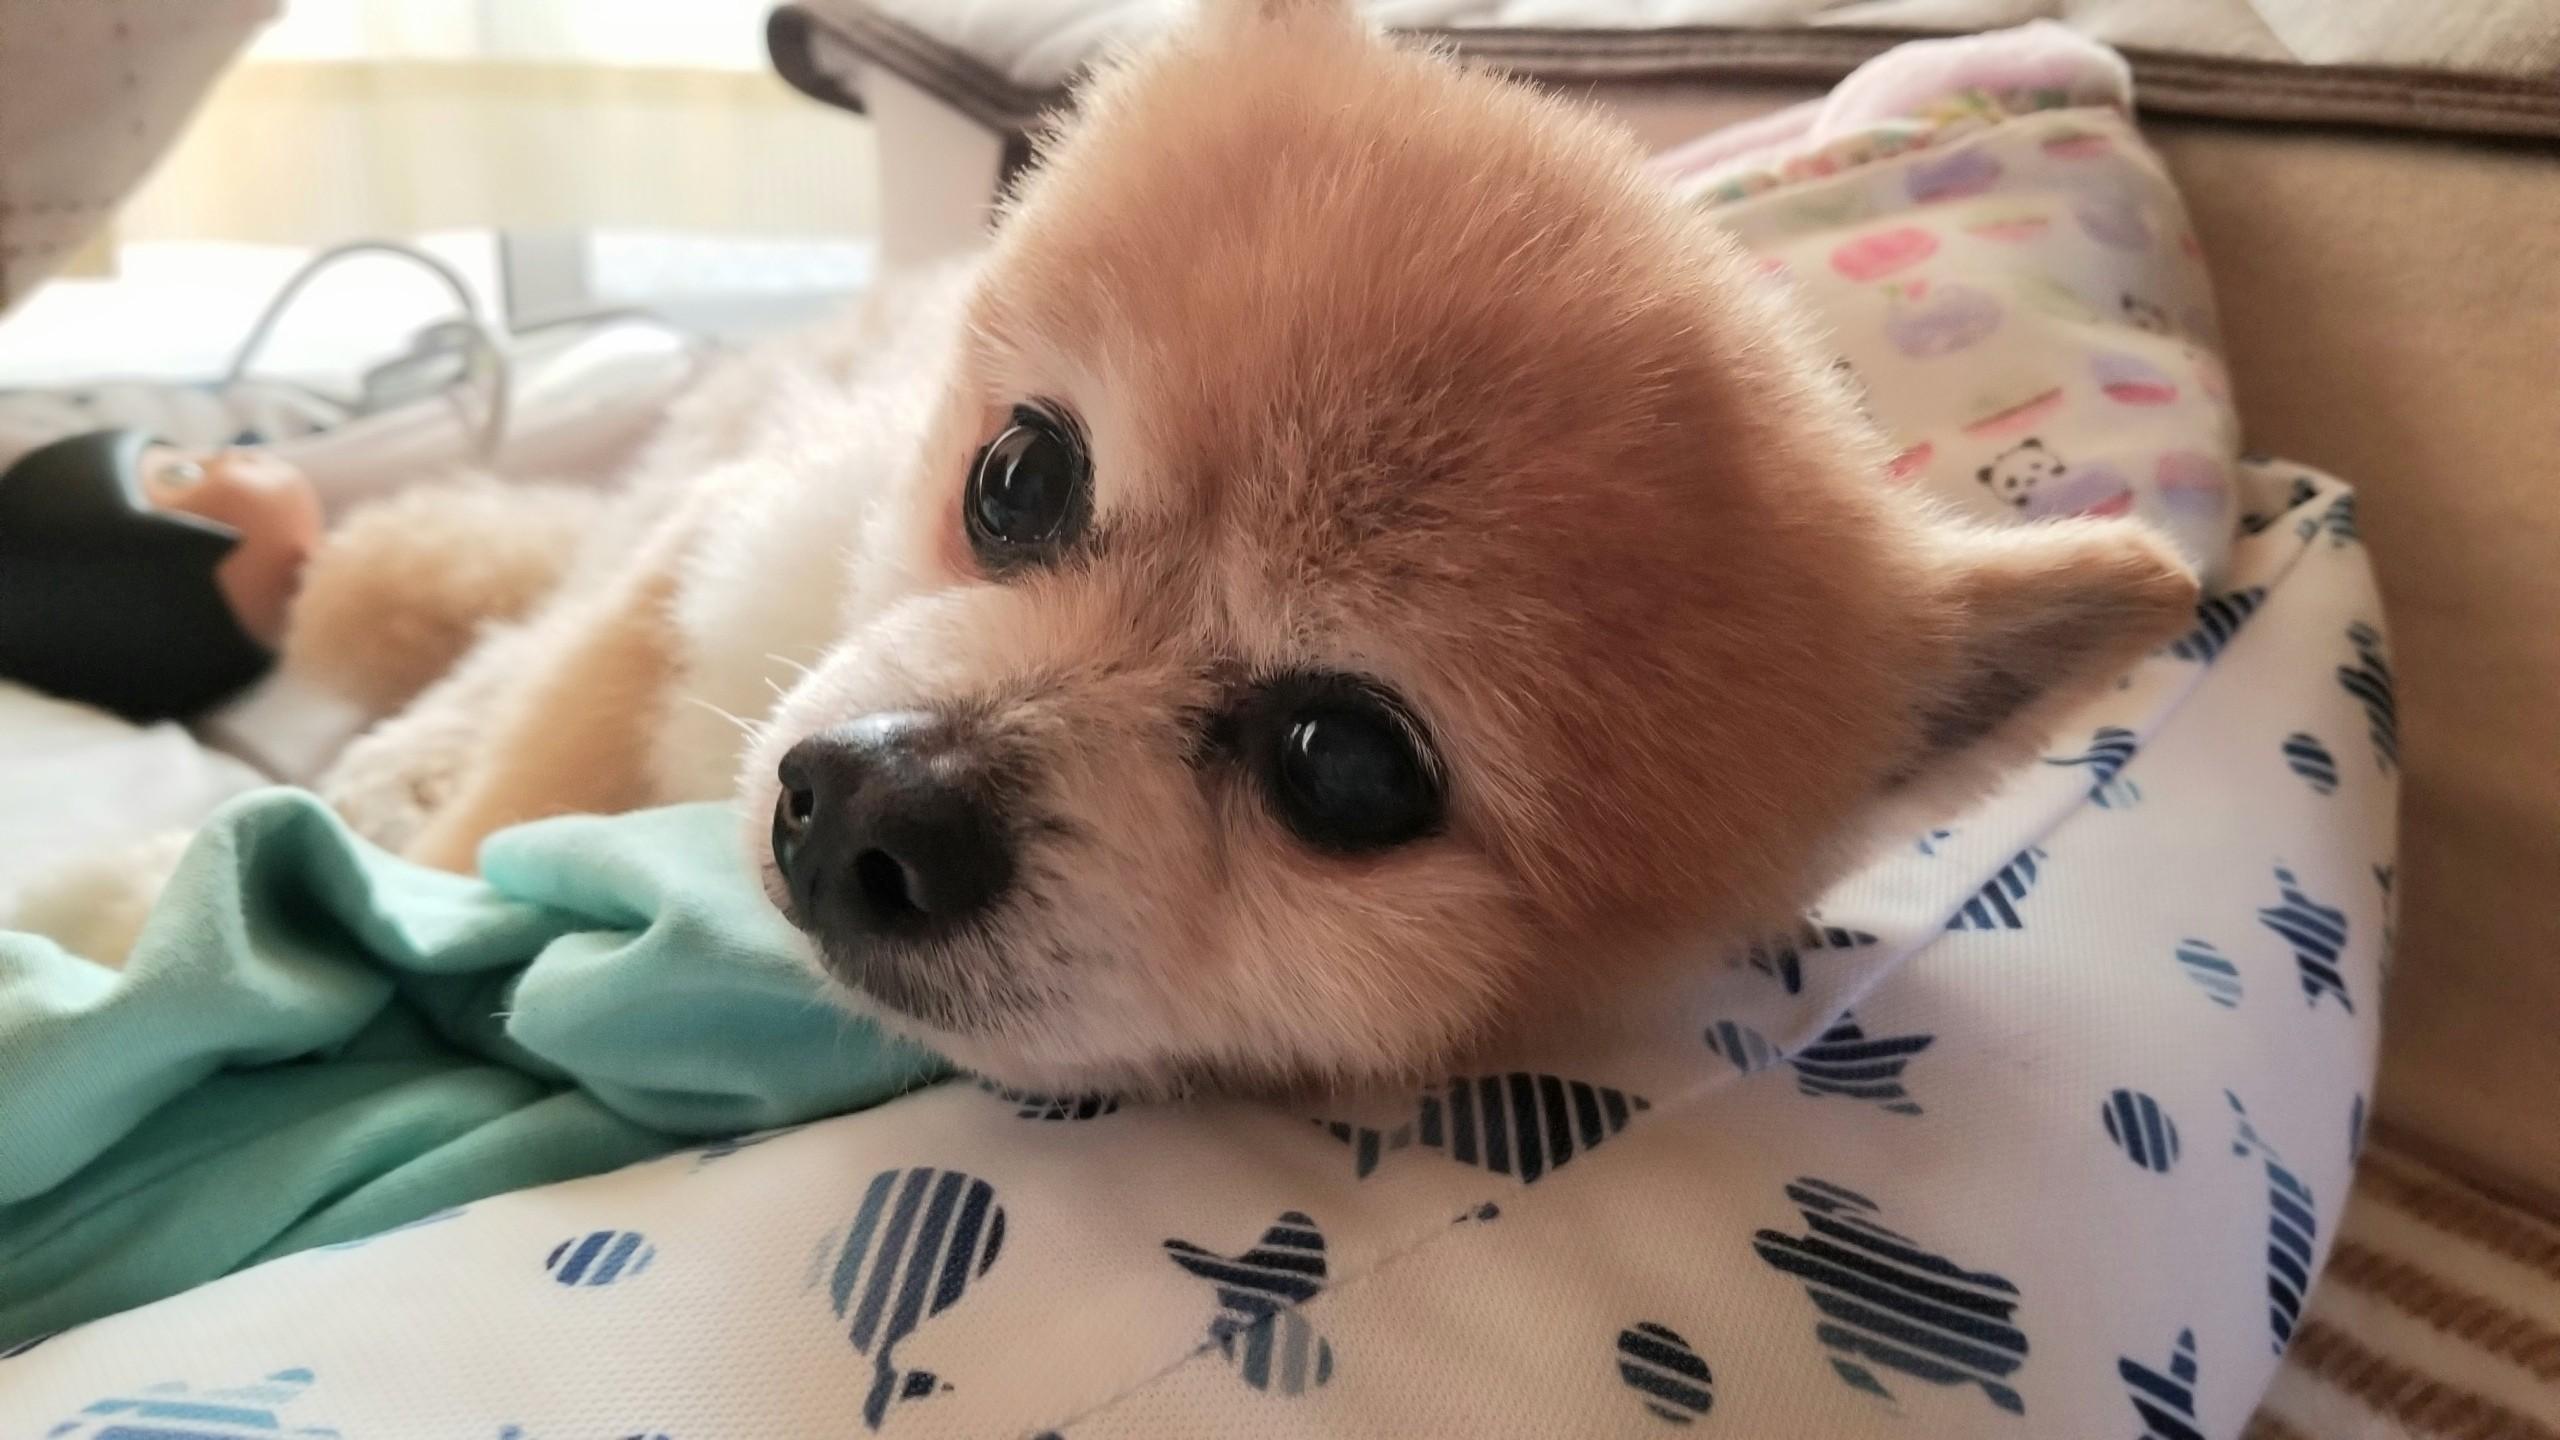 世界一かわいいポメラニアン柴犬サマーライオンカットペット大好き